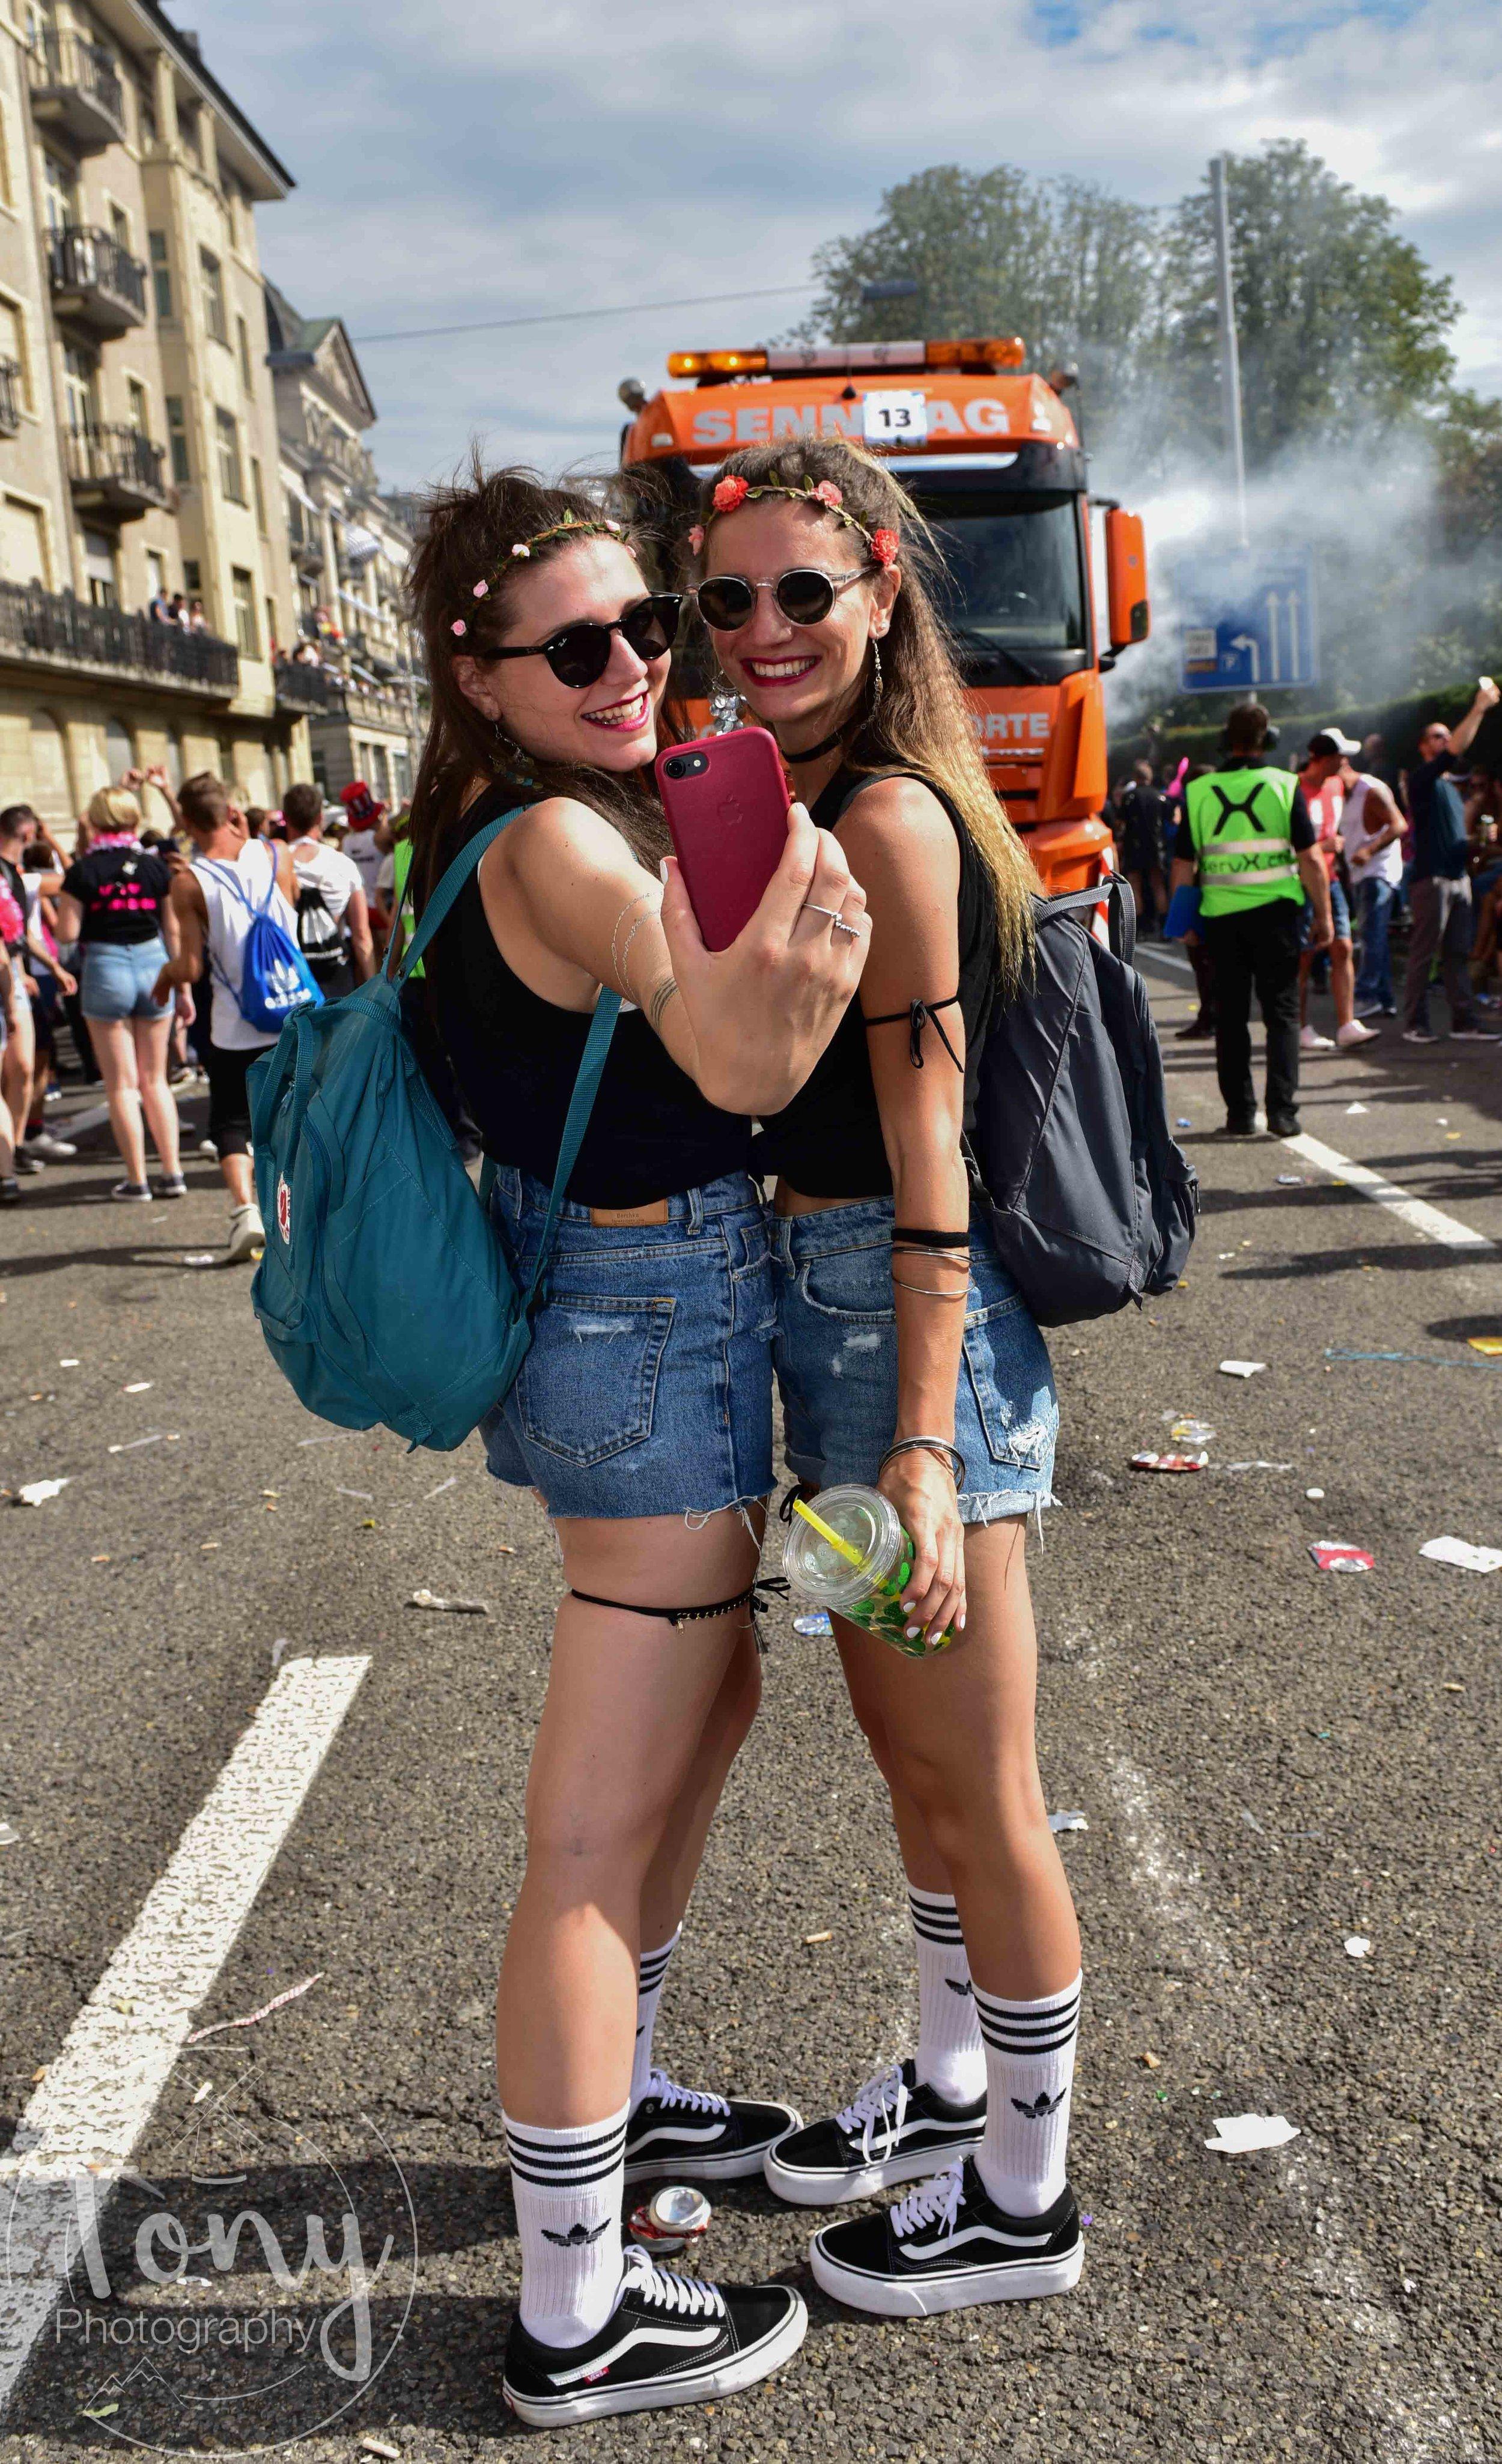 streetparade-164.jpg